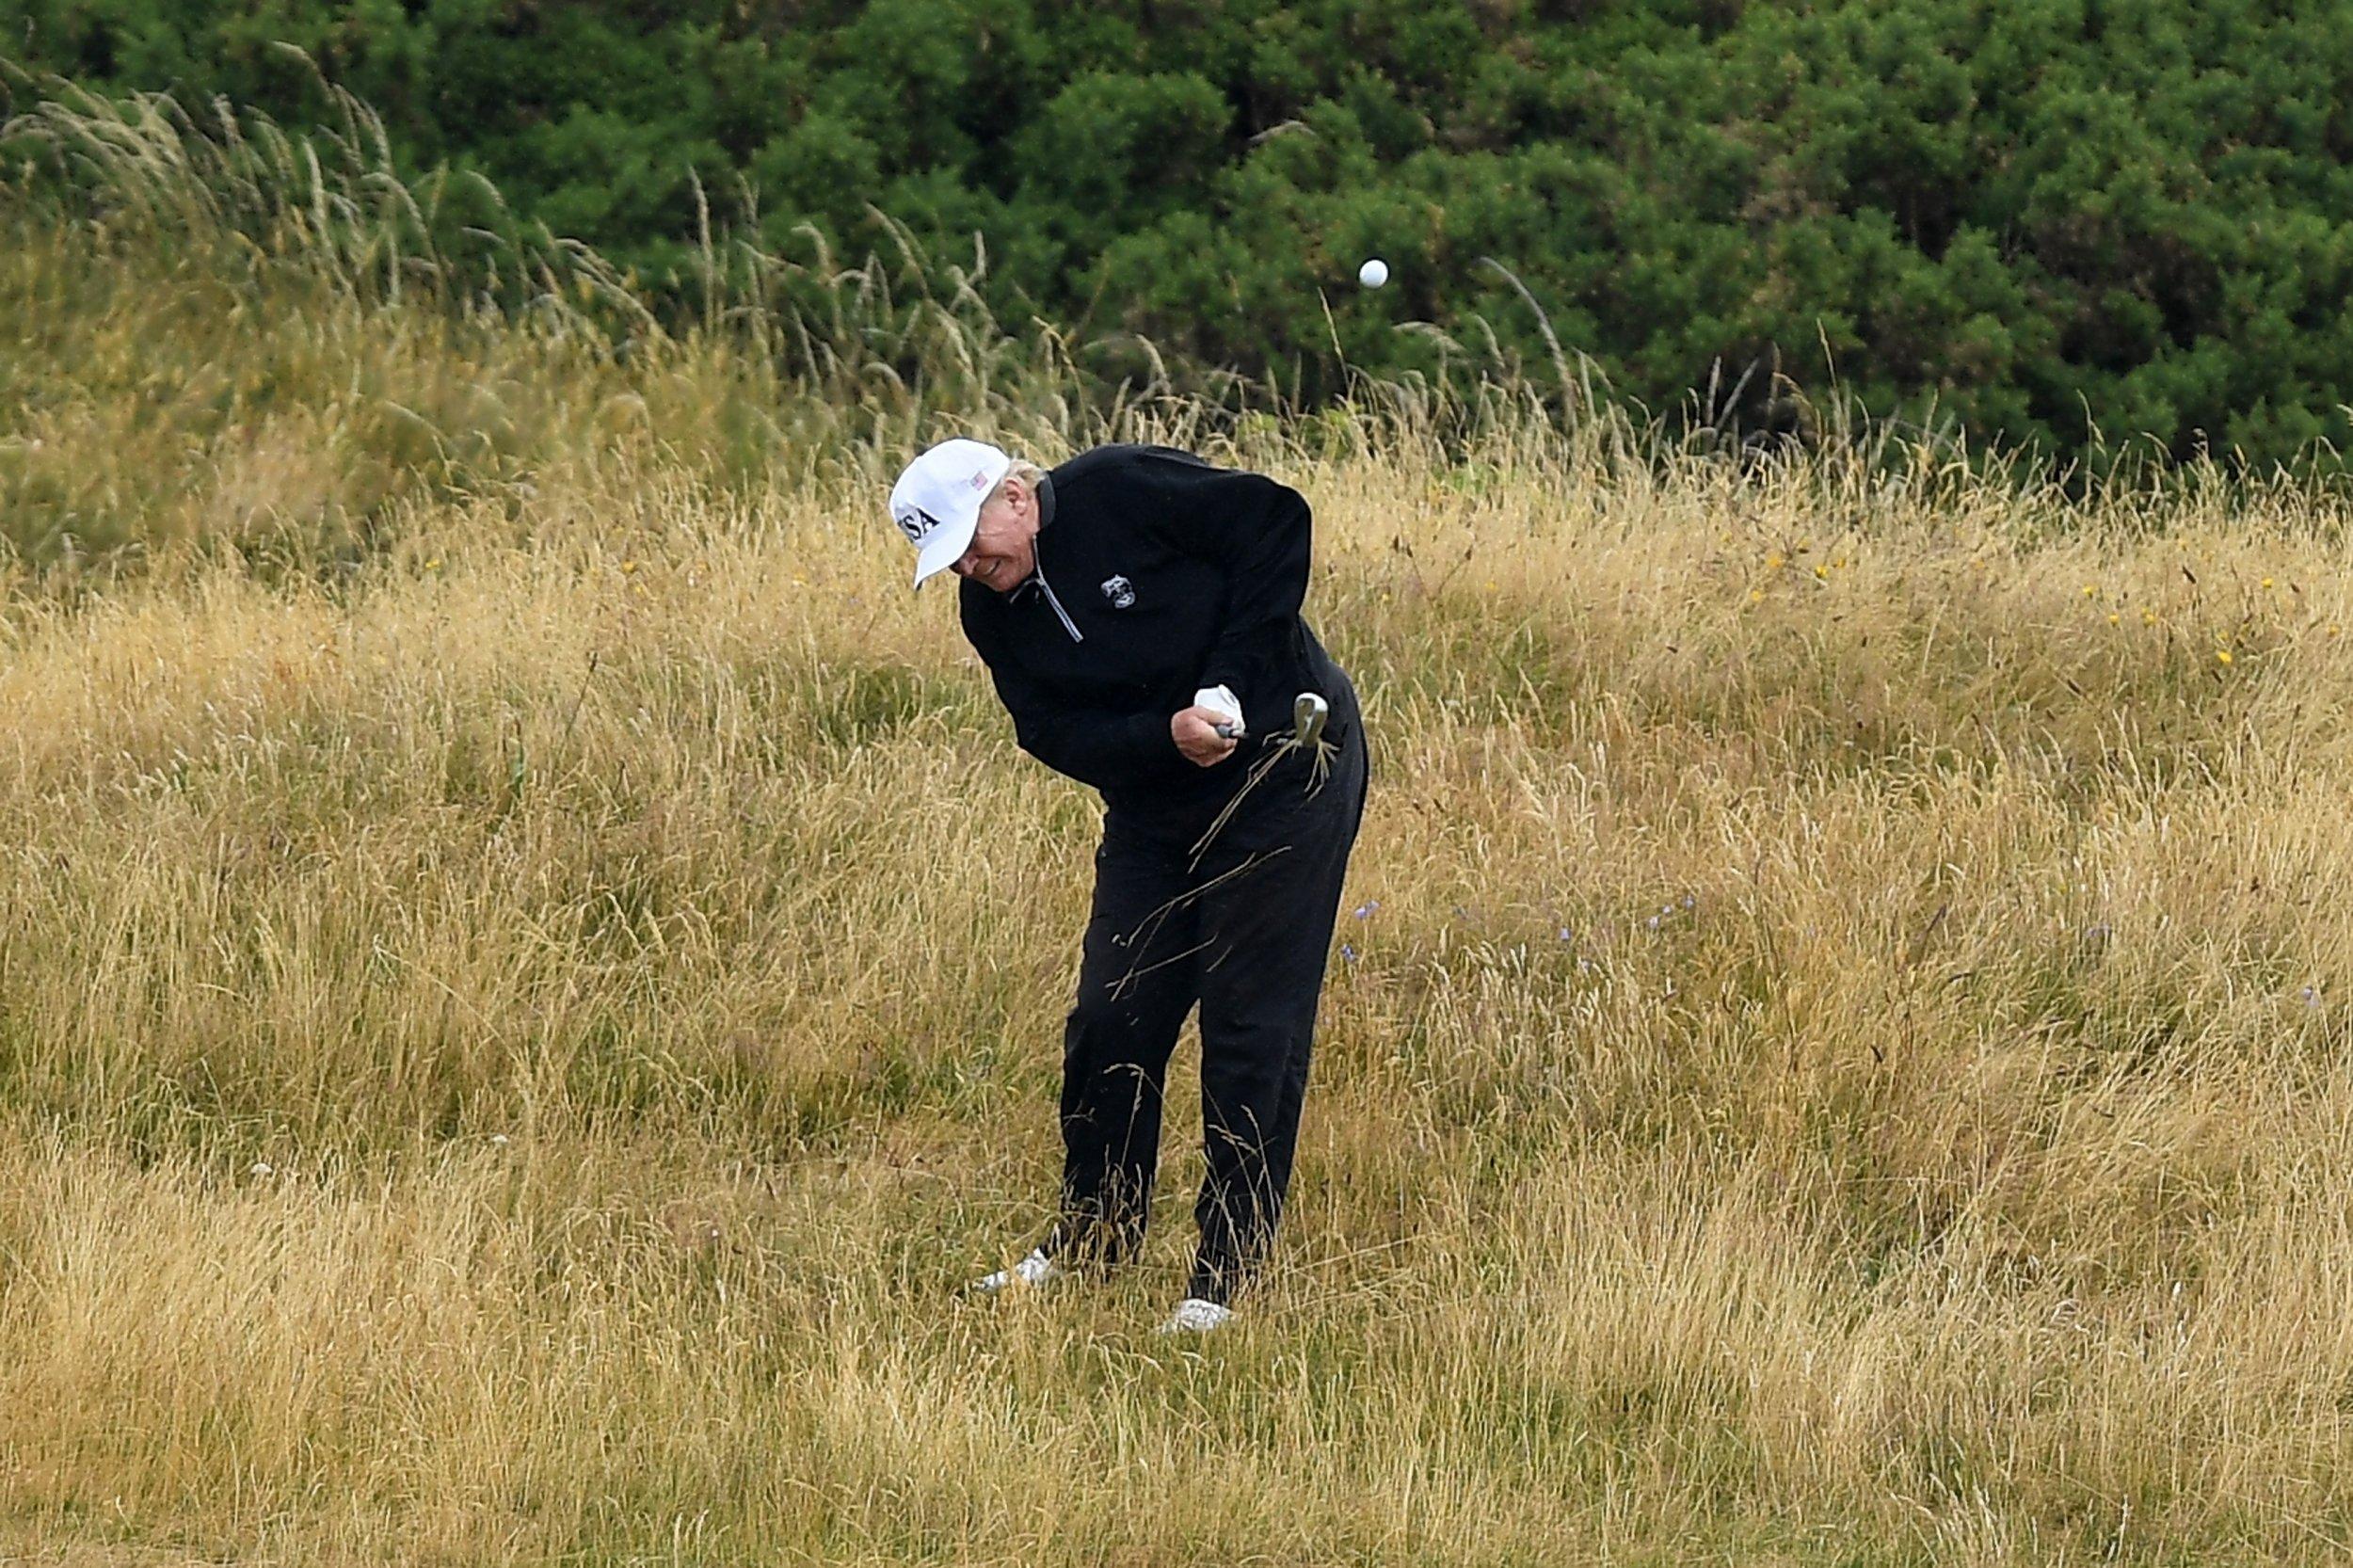 Donald Trump Played Golf During John McCain's Funeral